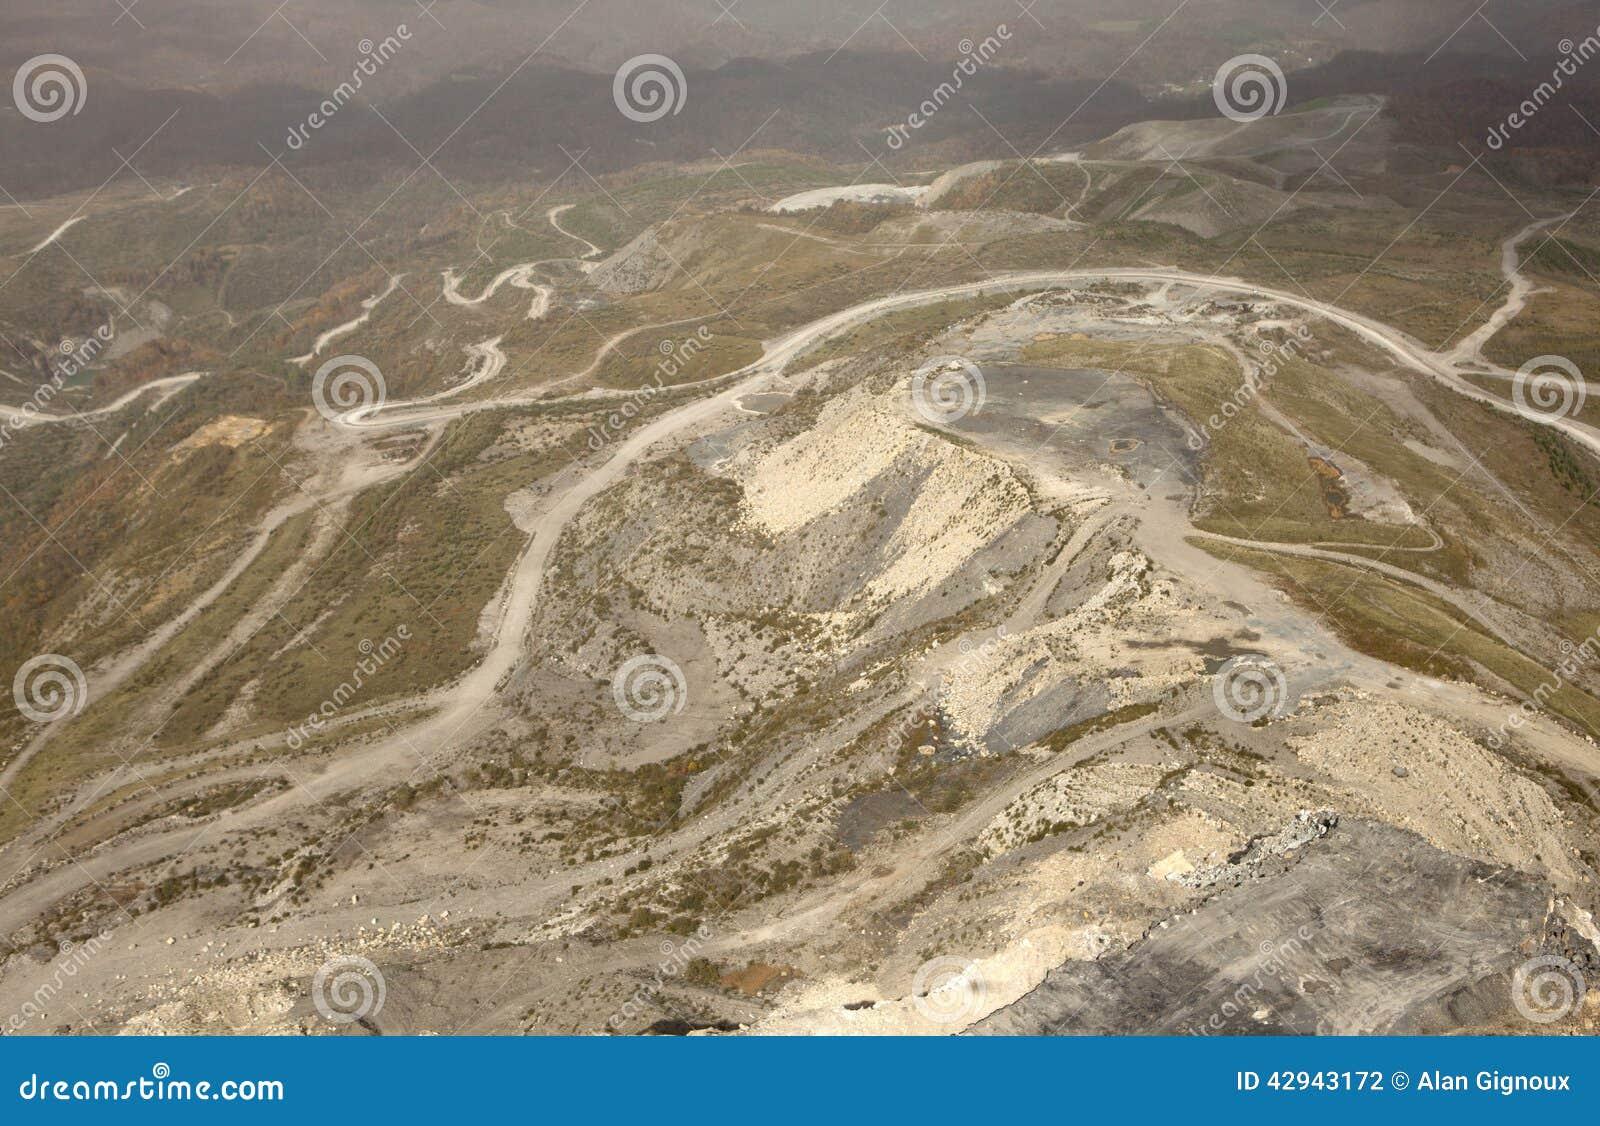 阿巴拉契亚边陆的煤矿